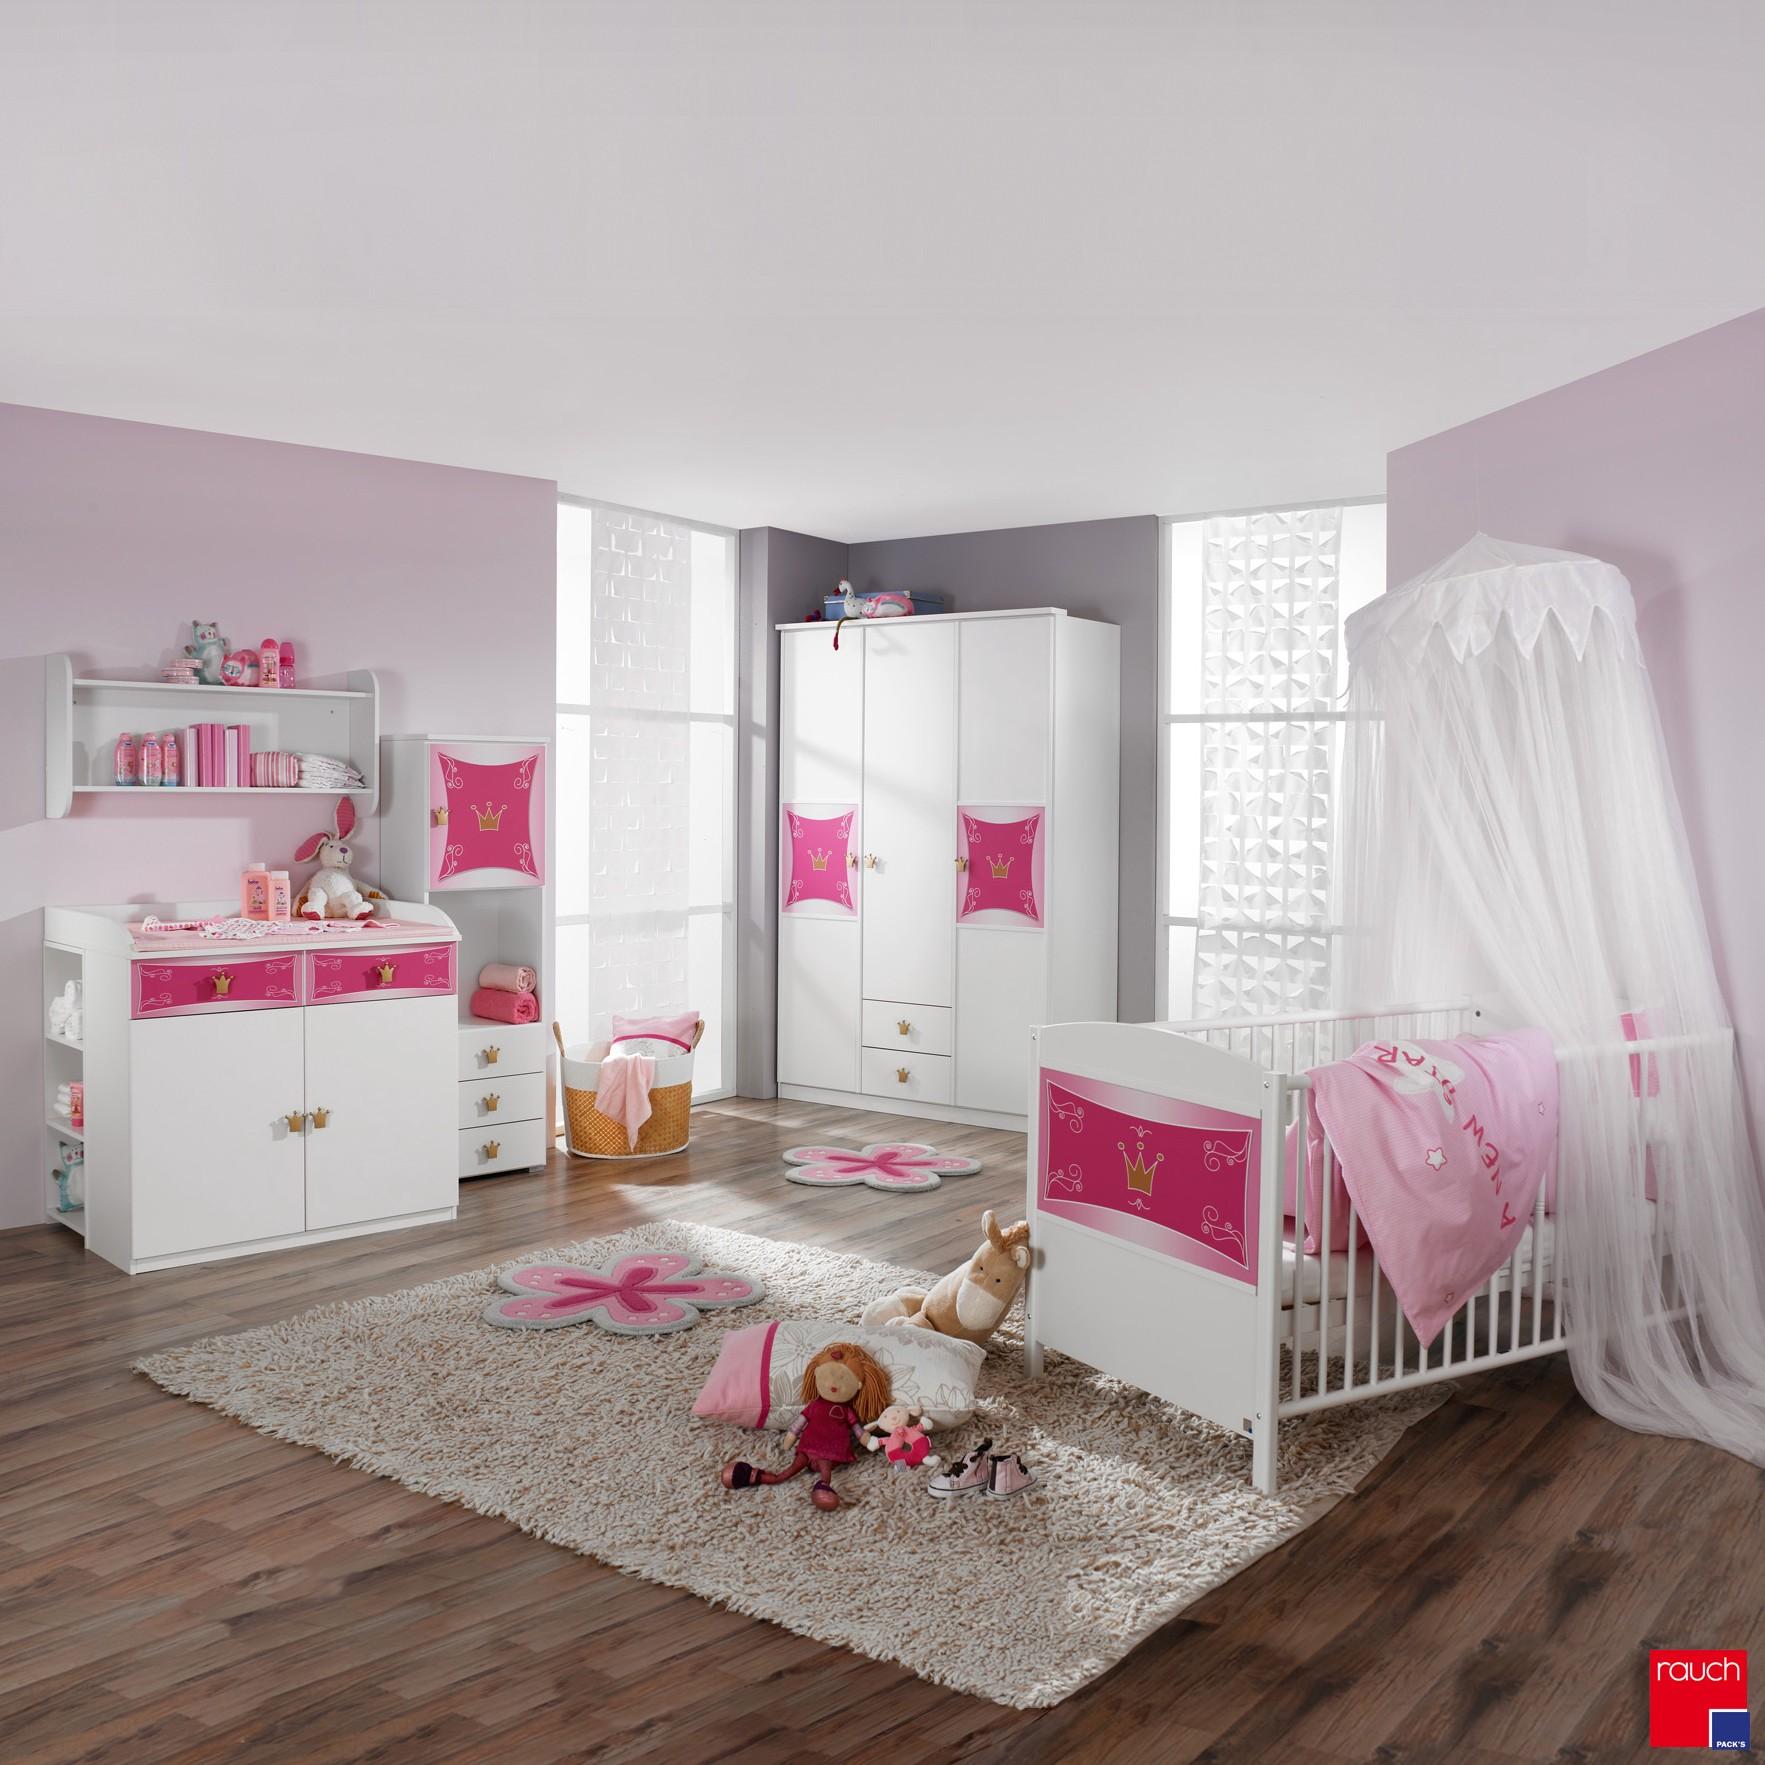 Ensemble économique Kate (3 éléments) - Lit pour bébé, commode à langer et armoire vêtements Blanc / Rose, Rauch Packs